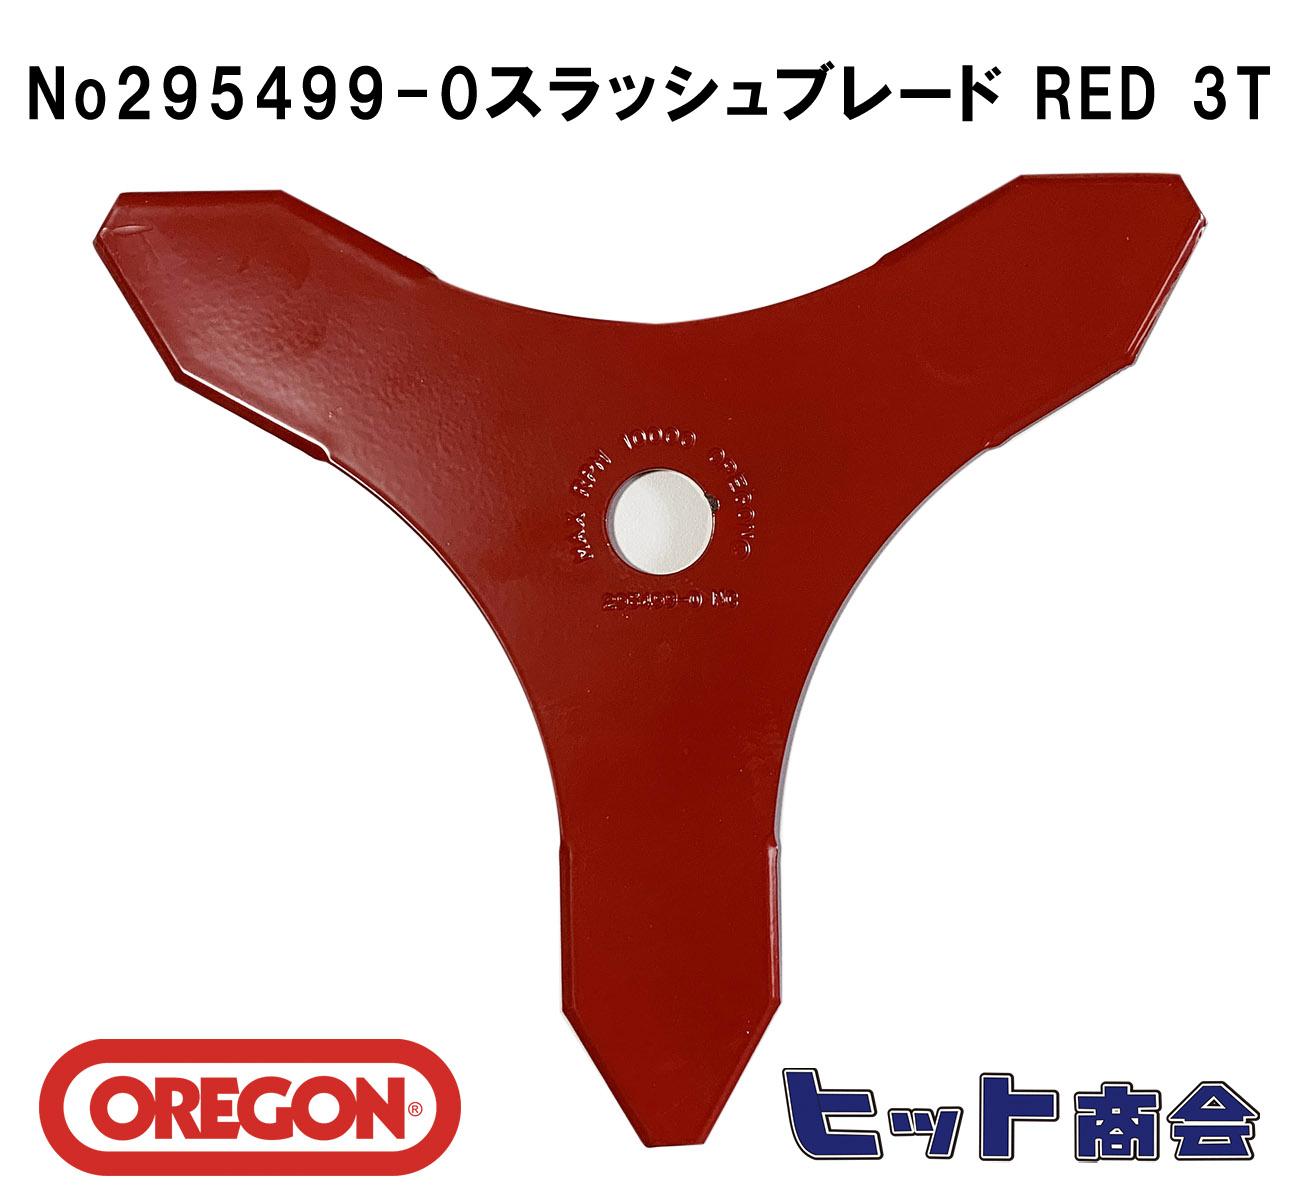 1枚単品 オレゴン社製No295499-0 刈払機用刃  スラッシュブレード RED 3T (ブラッシュナイフ)外径φ300 厚さ:4mm